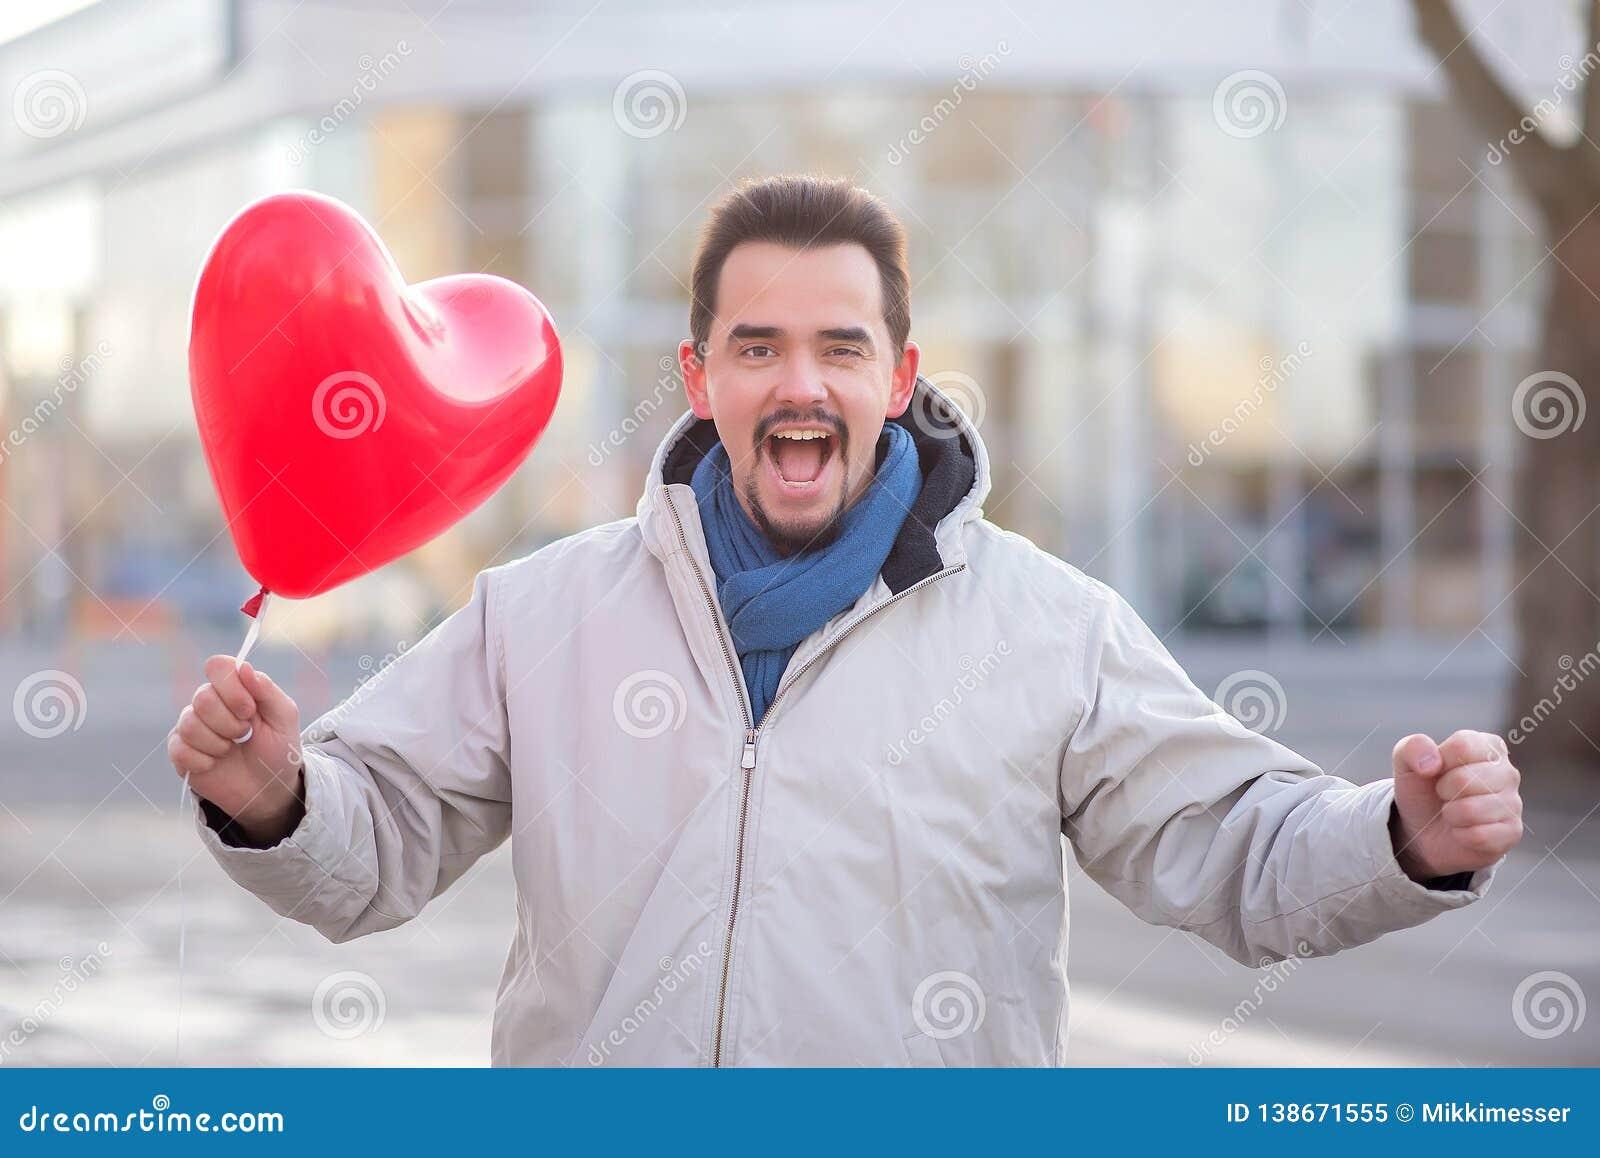 有一个红色心形的空气轻快优雅身分的愉快地笑的帅哥在城市街道